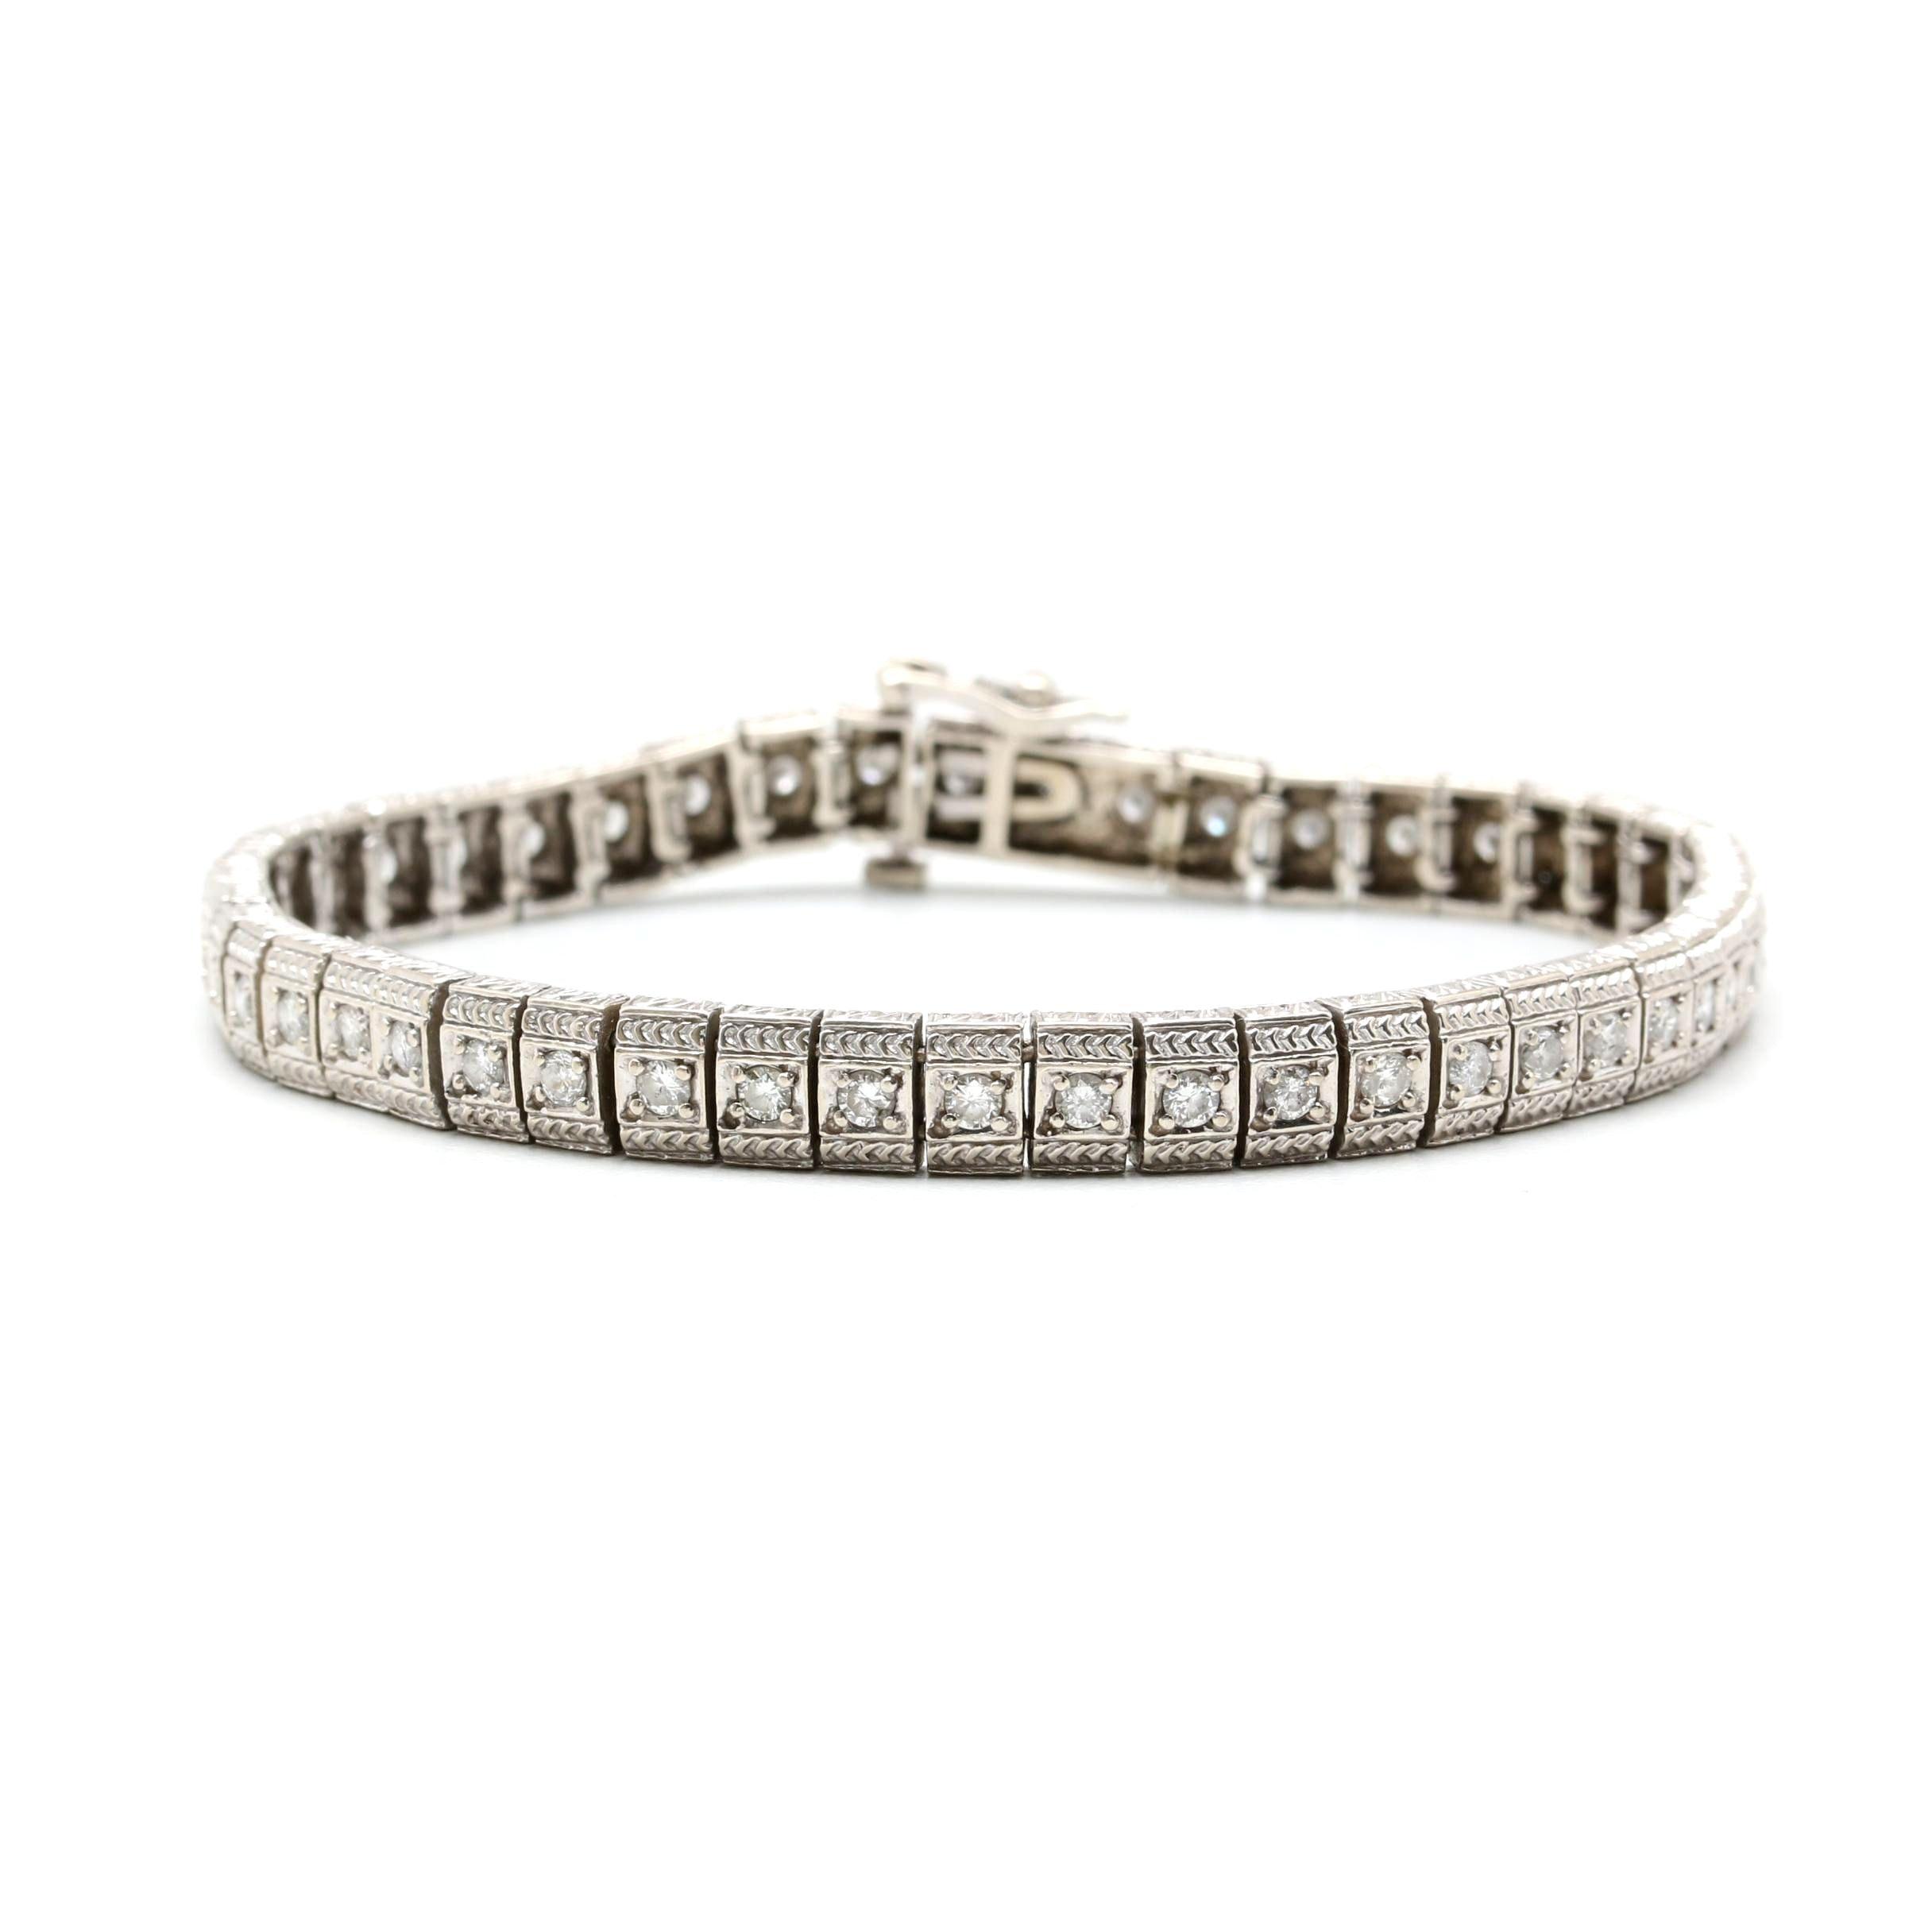 14K White Gold 1.38 CTW Diamond Link Bracelet